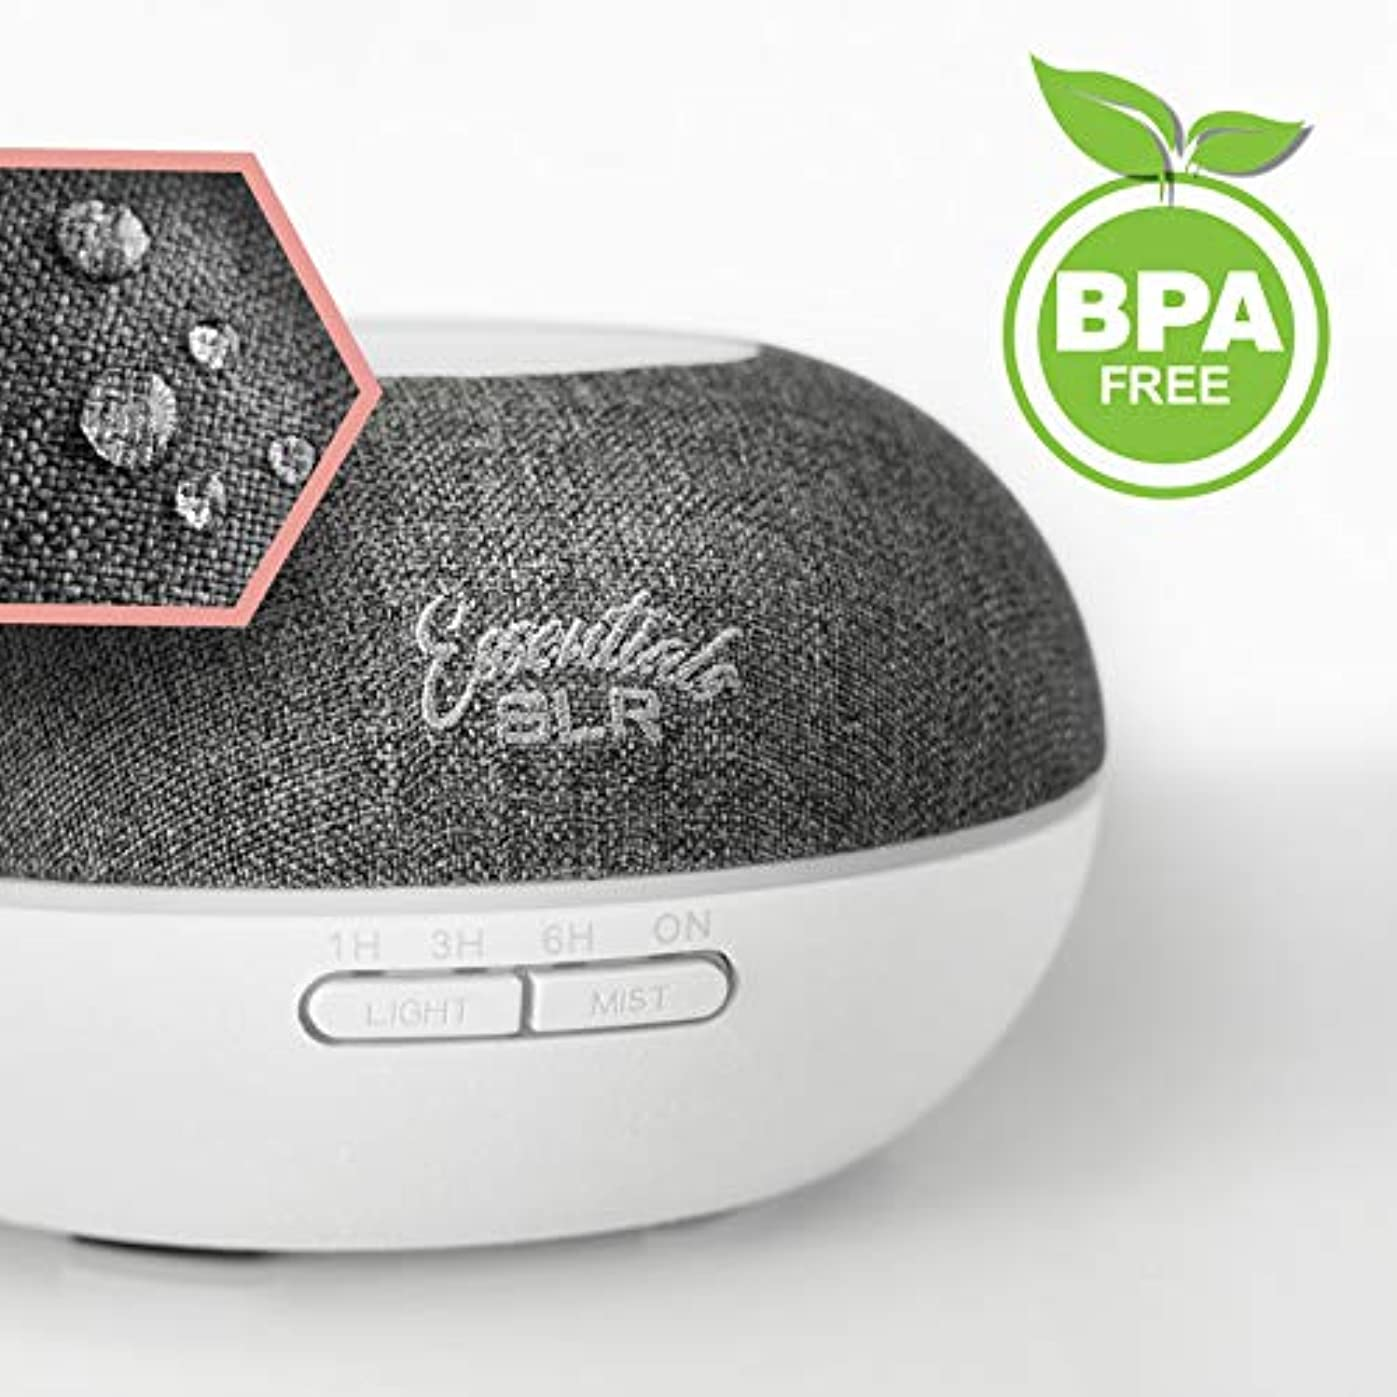 消毒剤クリスチャン悪行SLR 500 ml Aromatherapy Essential Oil Large Diffuser BPAフリー超音波空気加湿器withマルチカラー変更LED、自動遮断 500ml SLR:900-00055